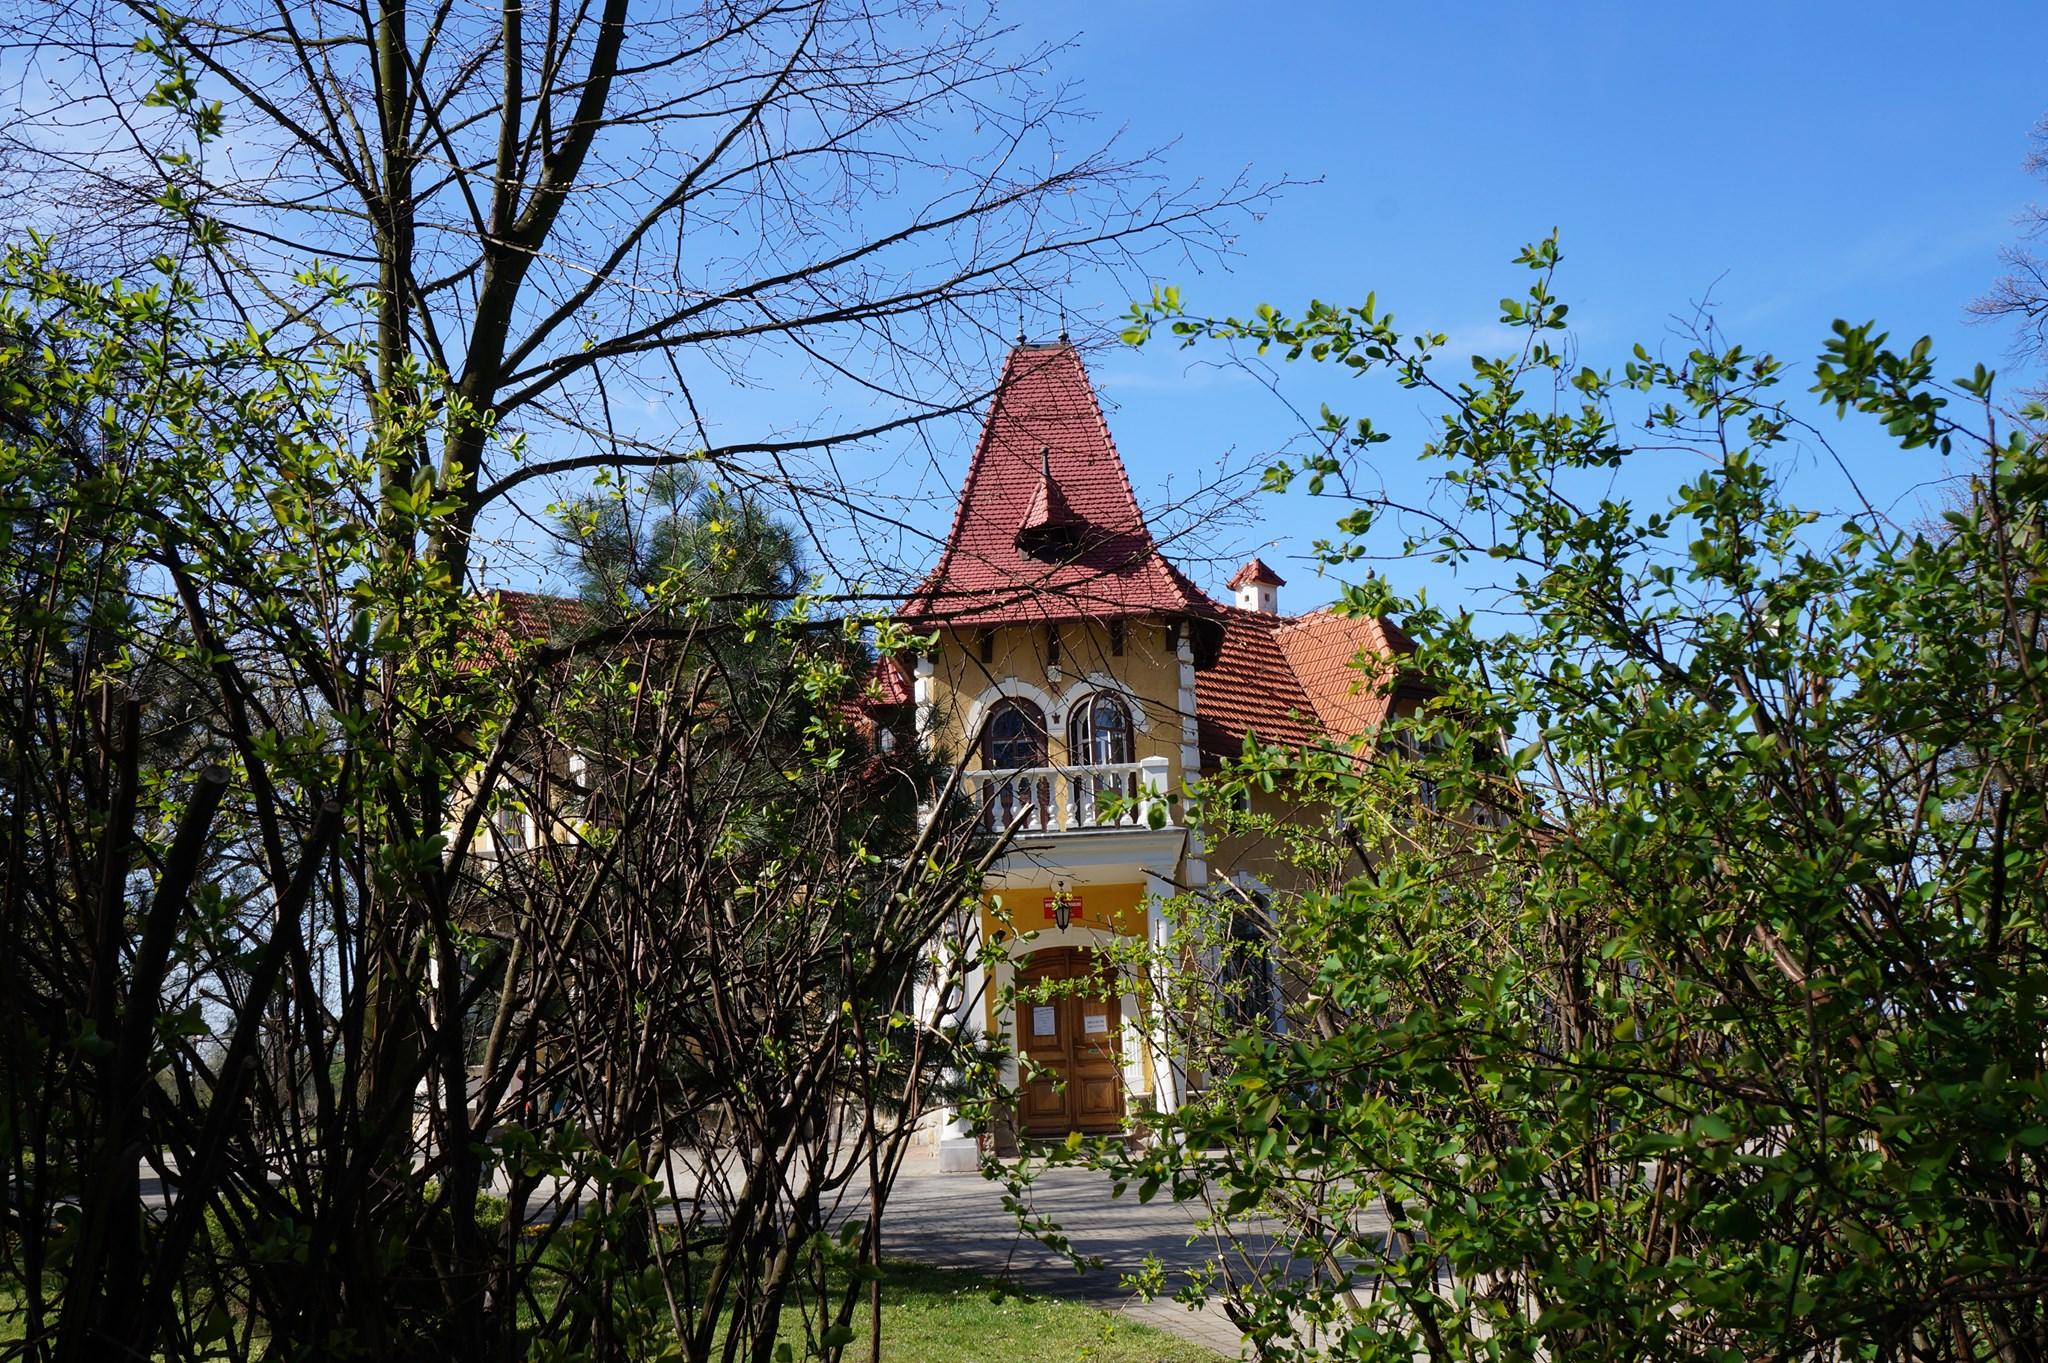 Możesz tworzyć wystawę z okazji 550-lecia miasta Mielca! Muzeum kieruje apel  - Zdjęcie główne